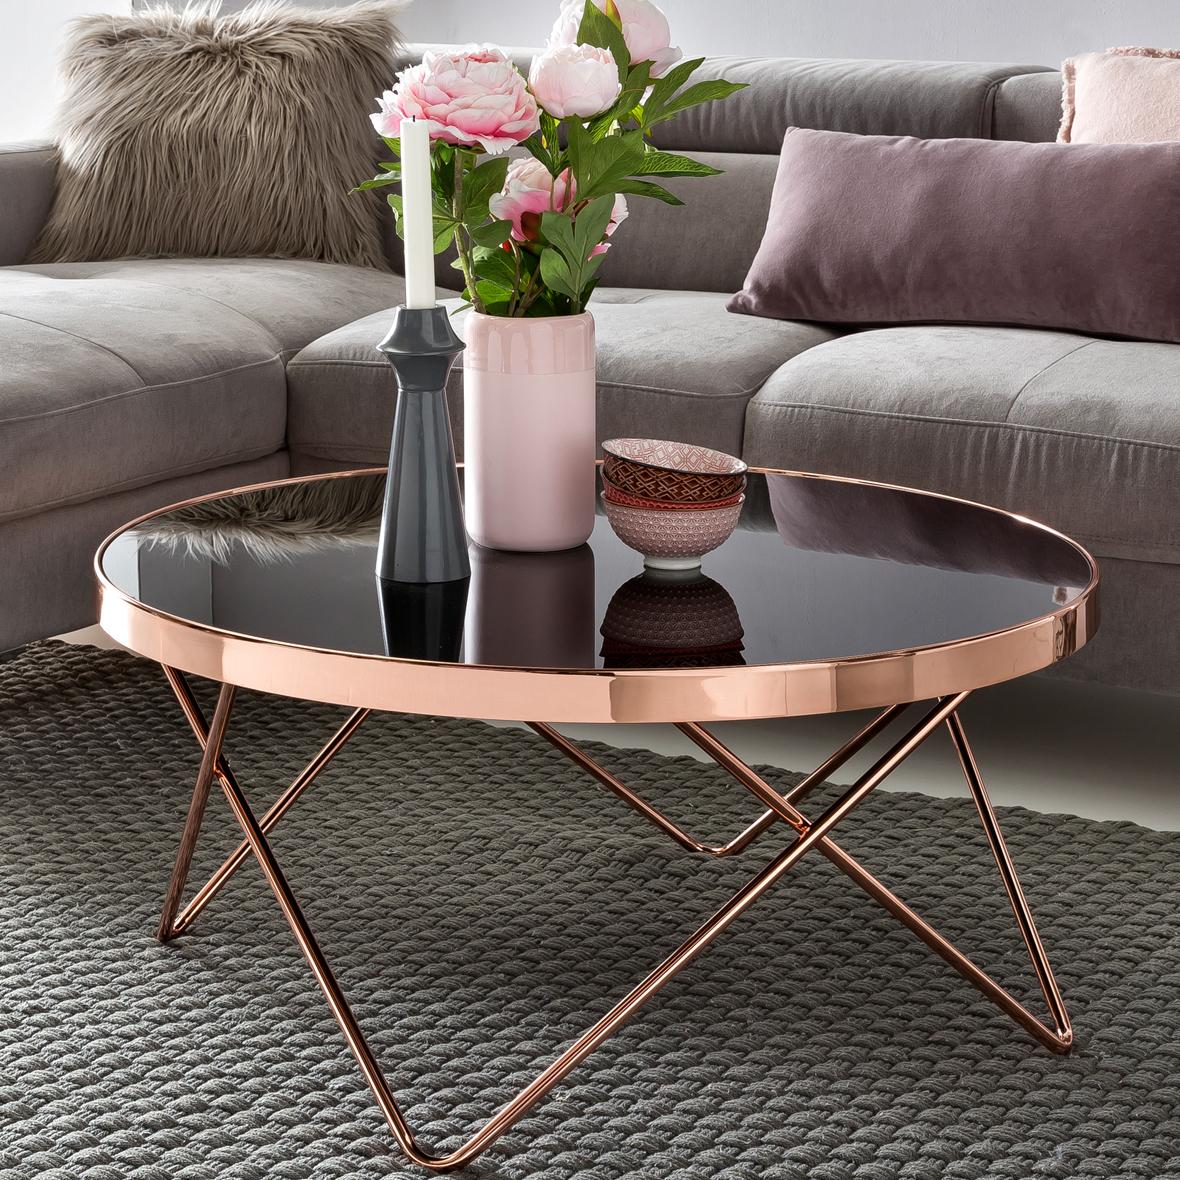 FineBuy Design Couchtisch ROUND ø 82cm Rund Glas Kupfer | Runder Lounge  Tisch Verspiegelt | Moderner